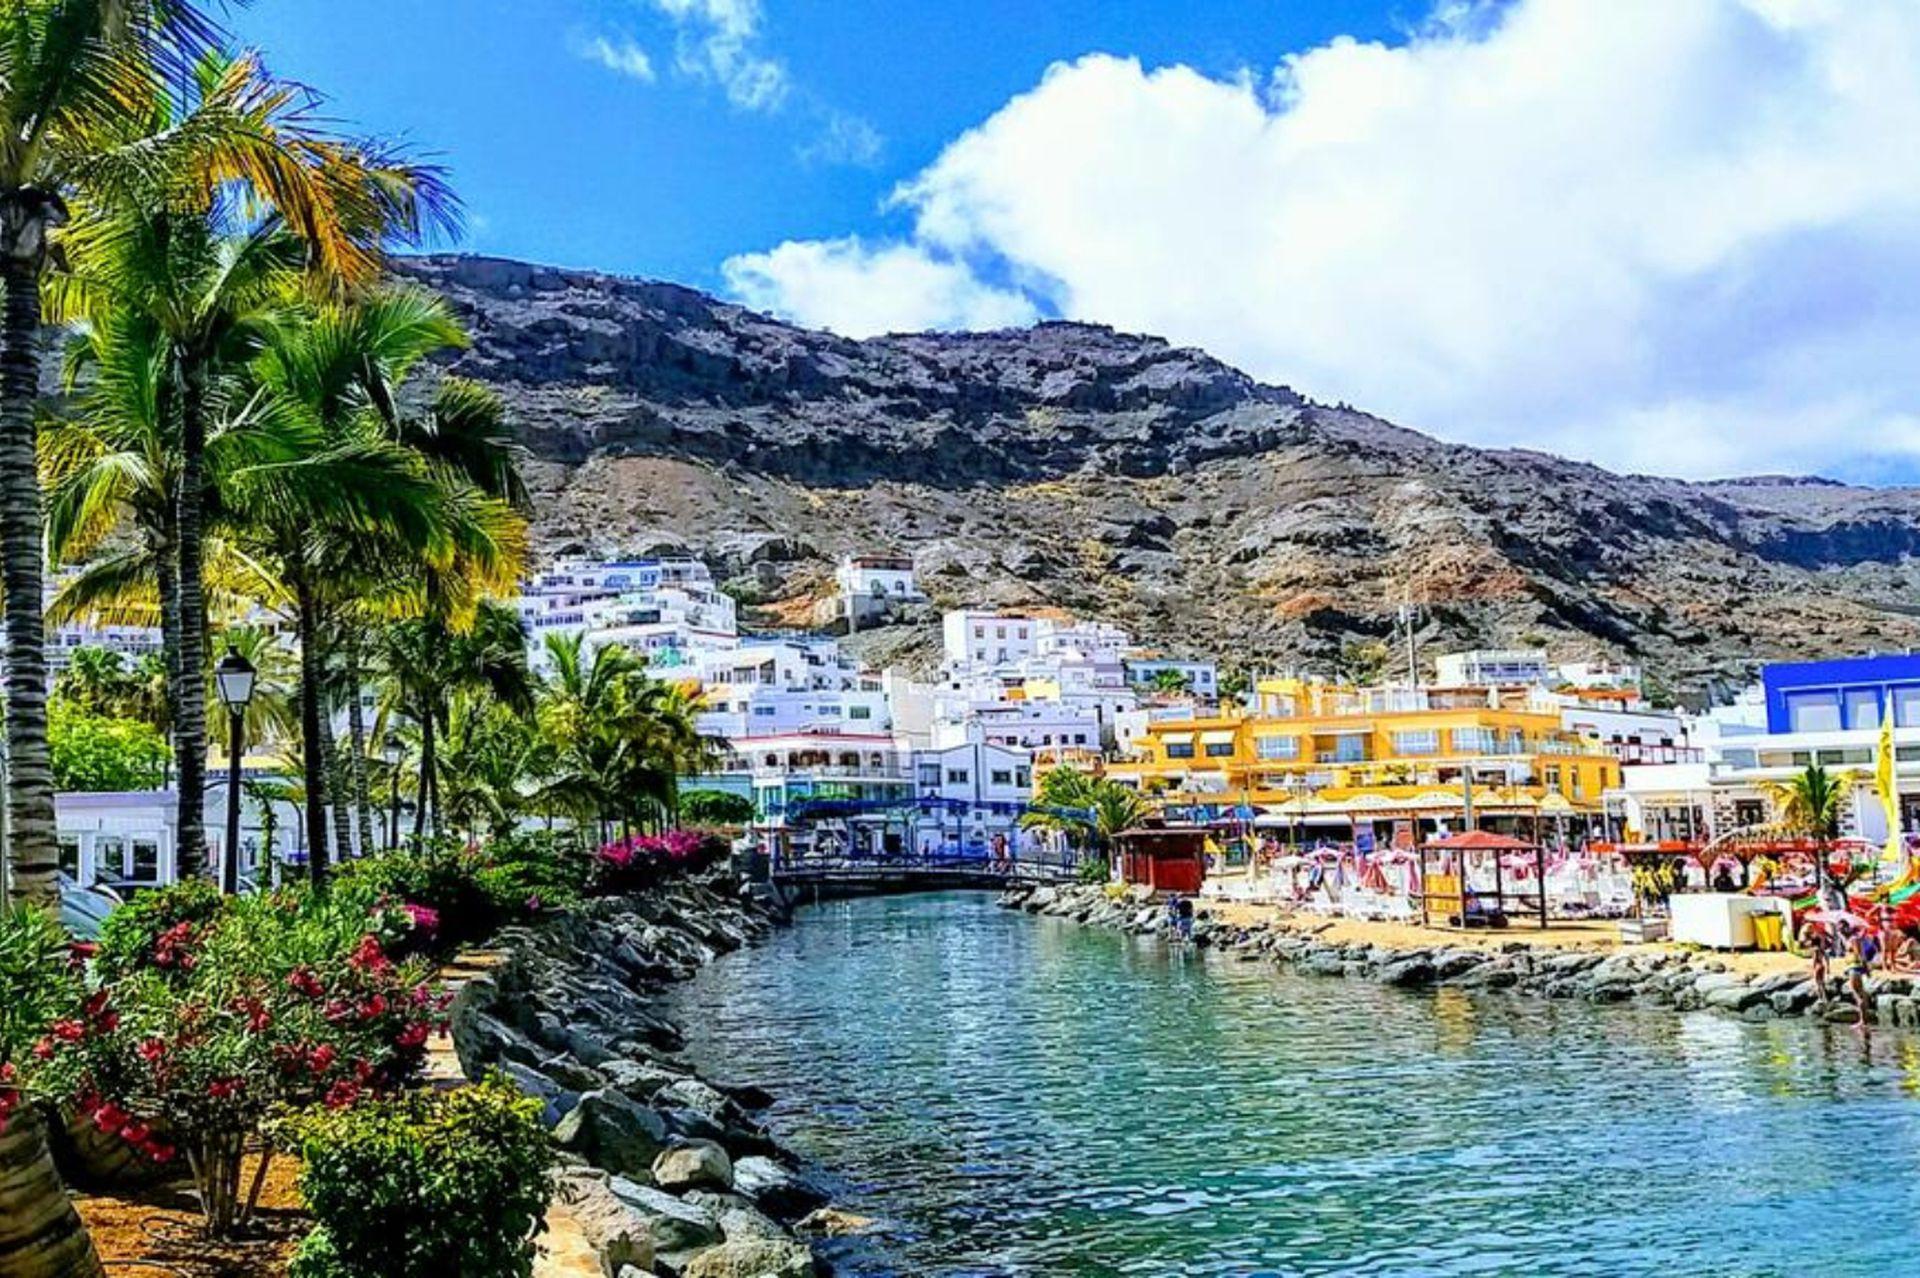 Mogán, un pueblecito costero al suroeste de Gran Canaria.